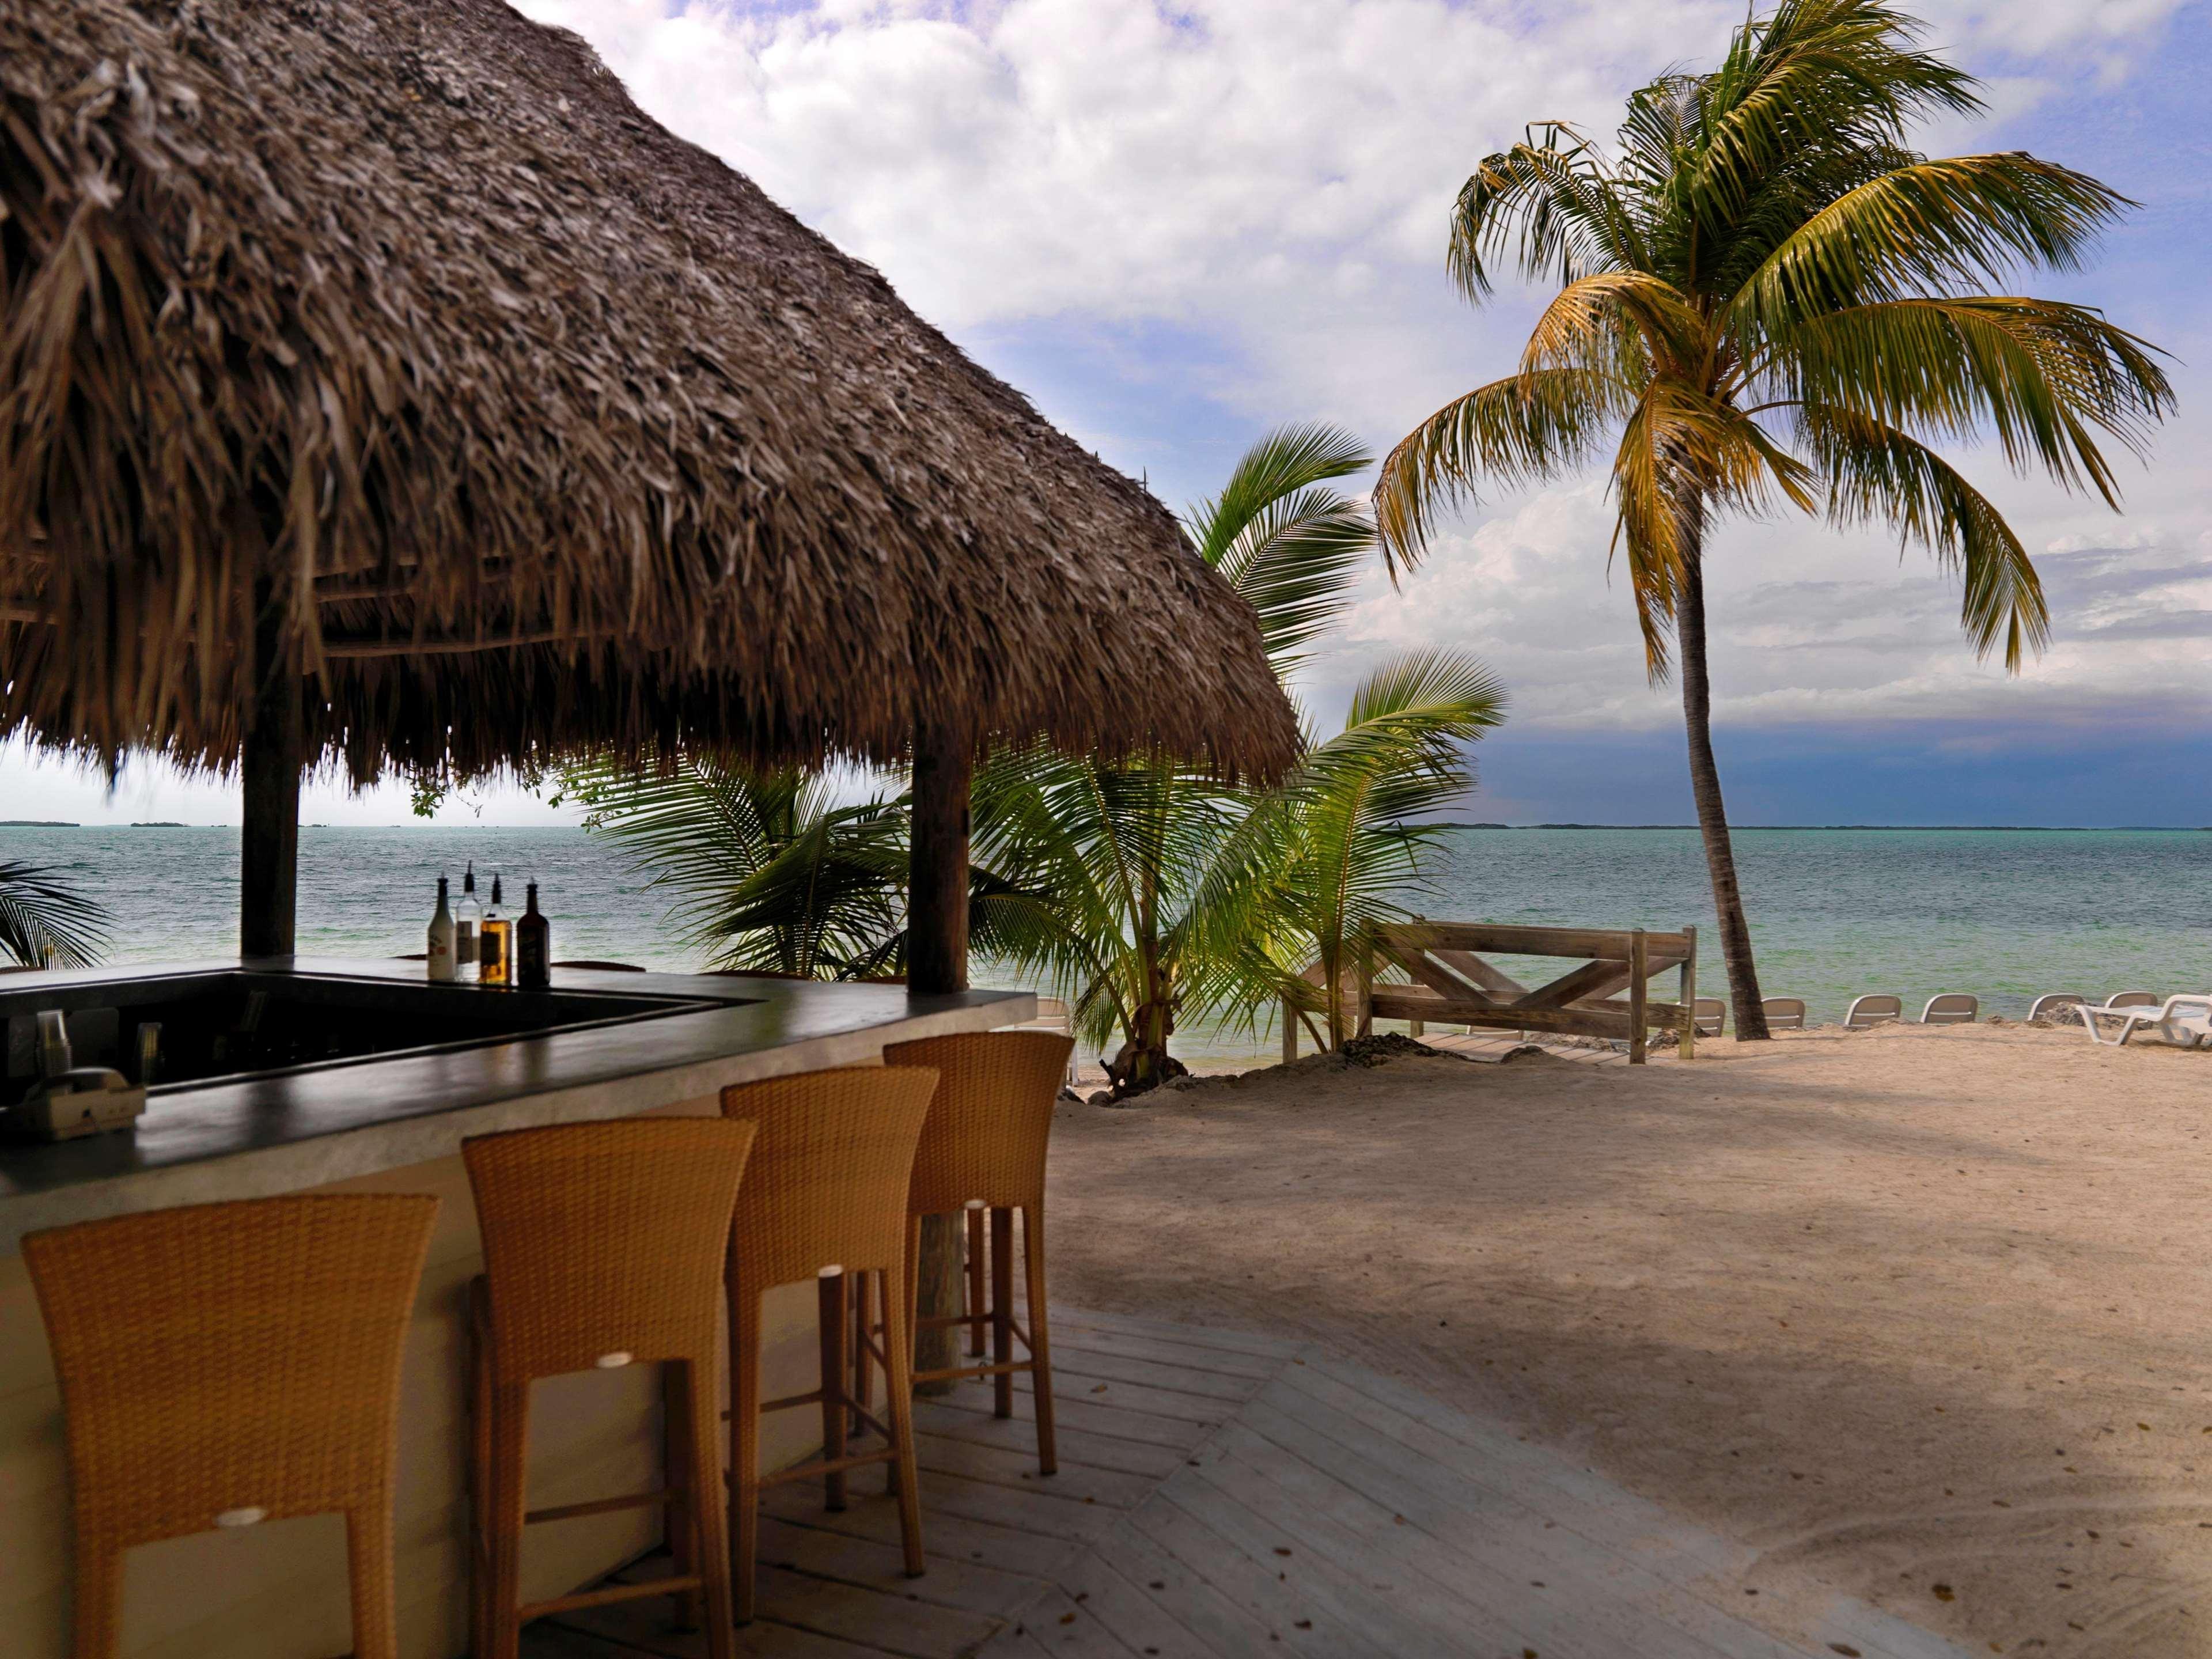 Hilton Key Largo Resort image 22